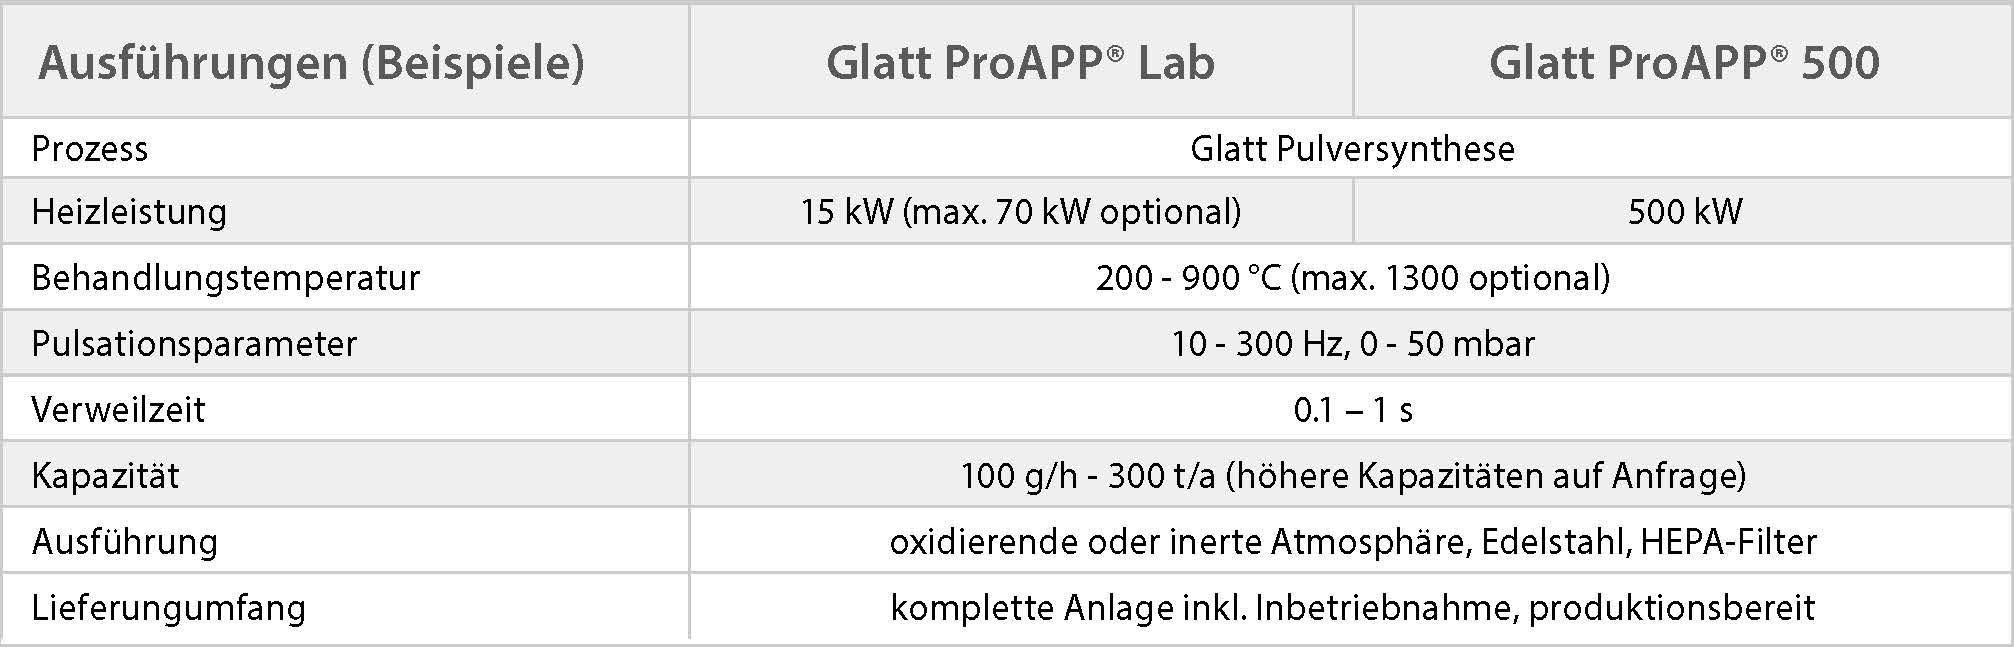 Technische Daten Reaktoren Glatt Pulversynthese im Überblick